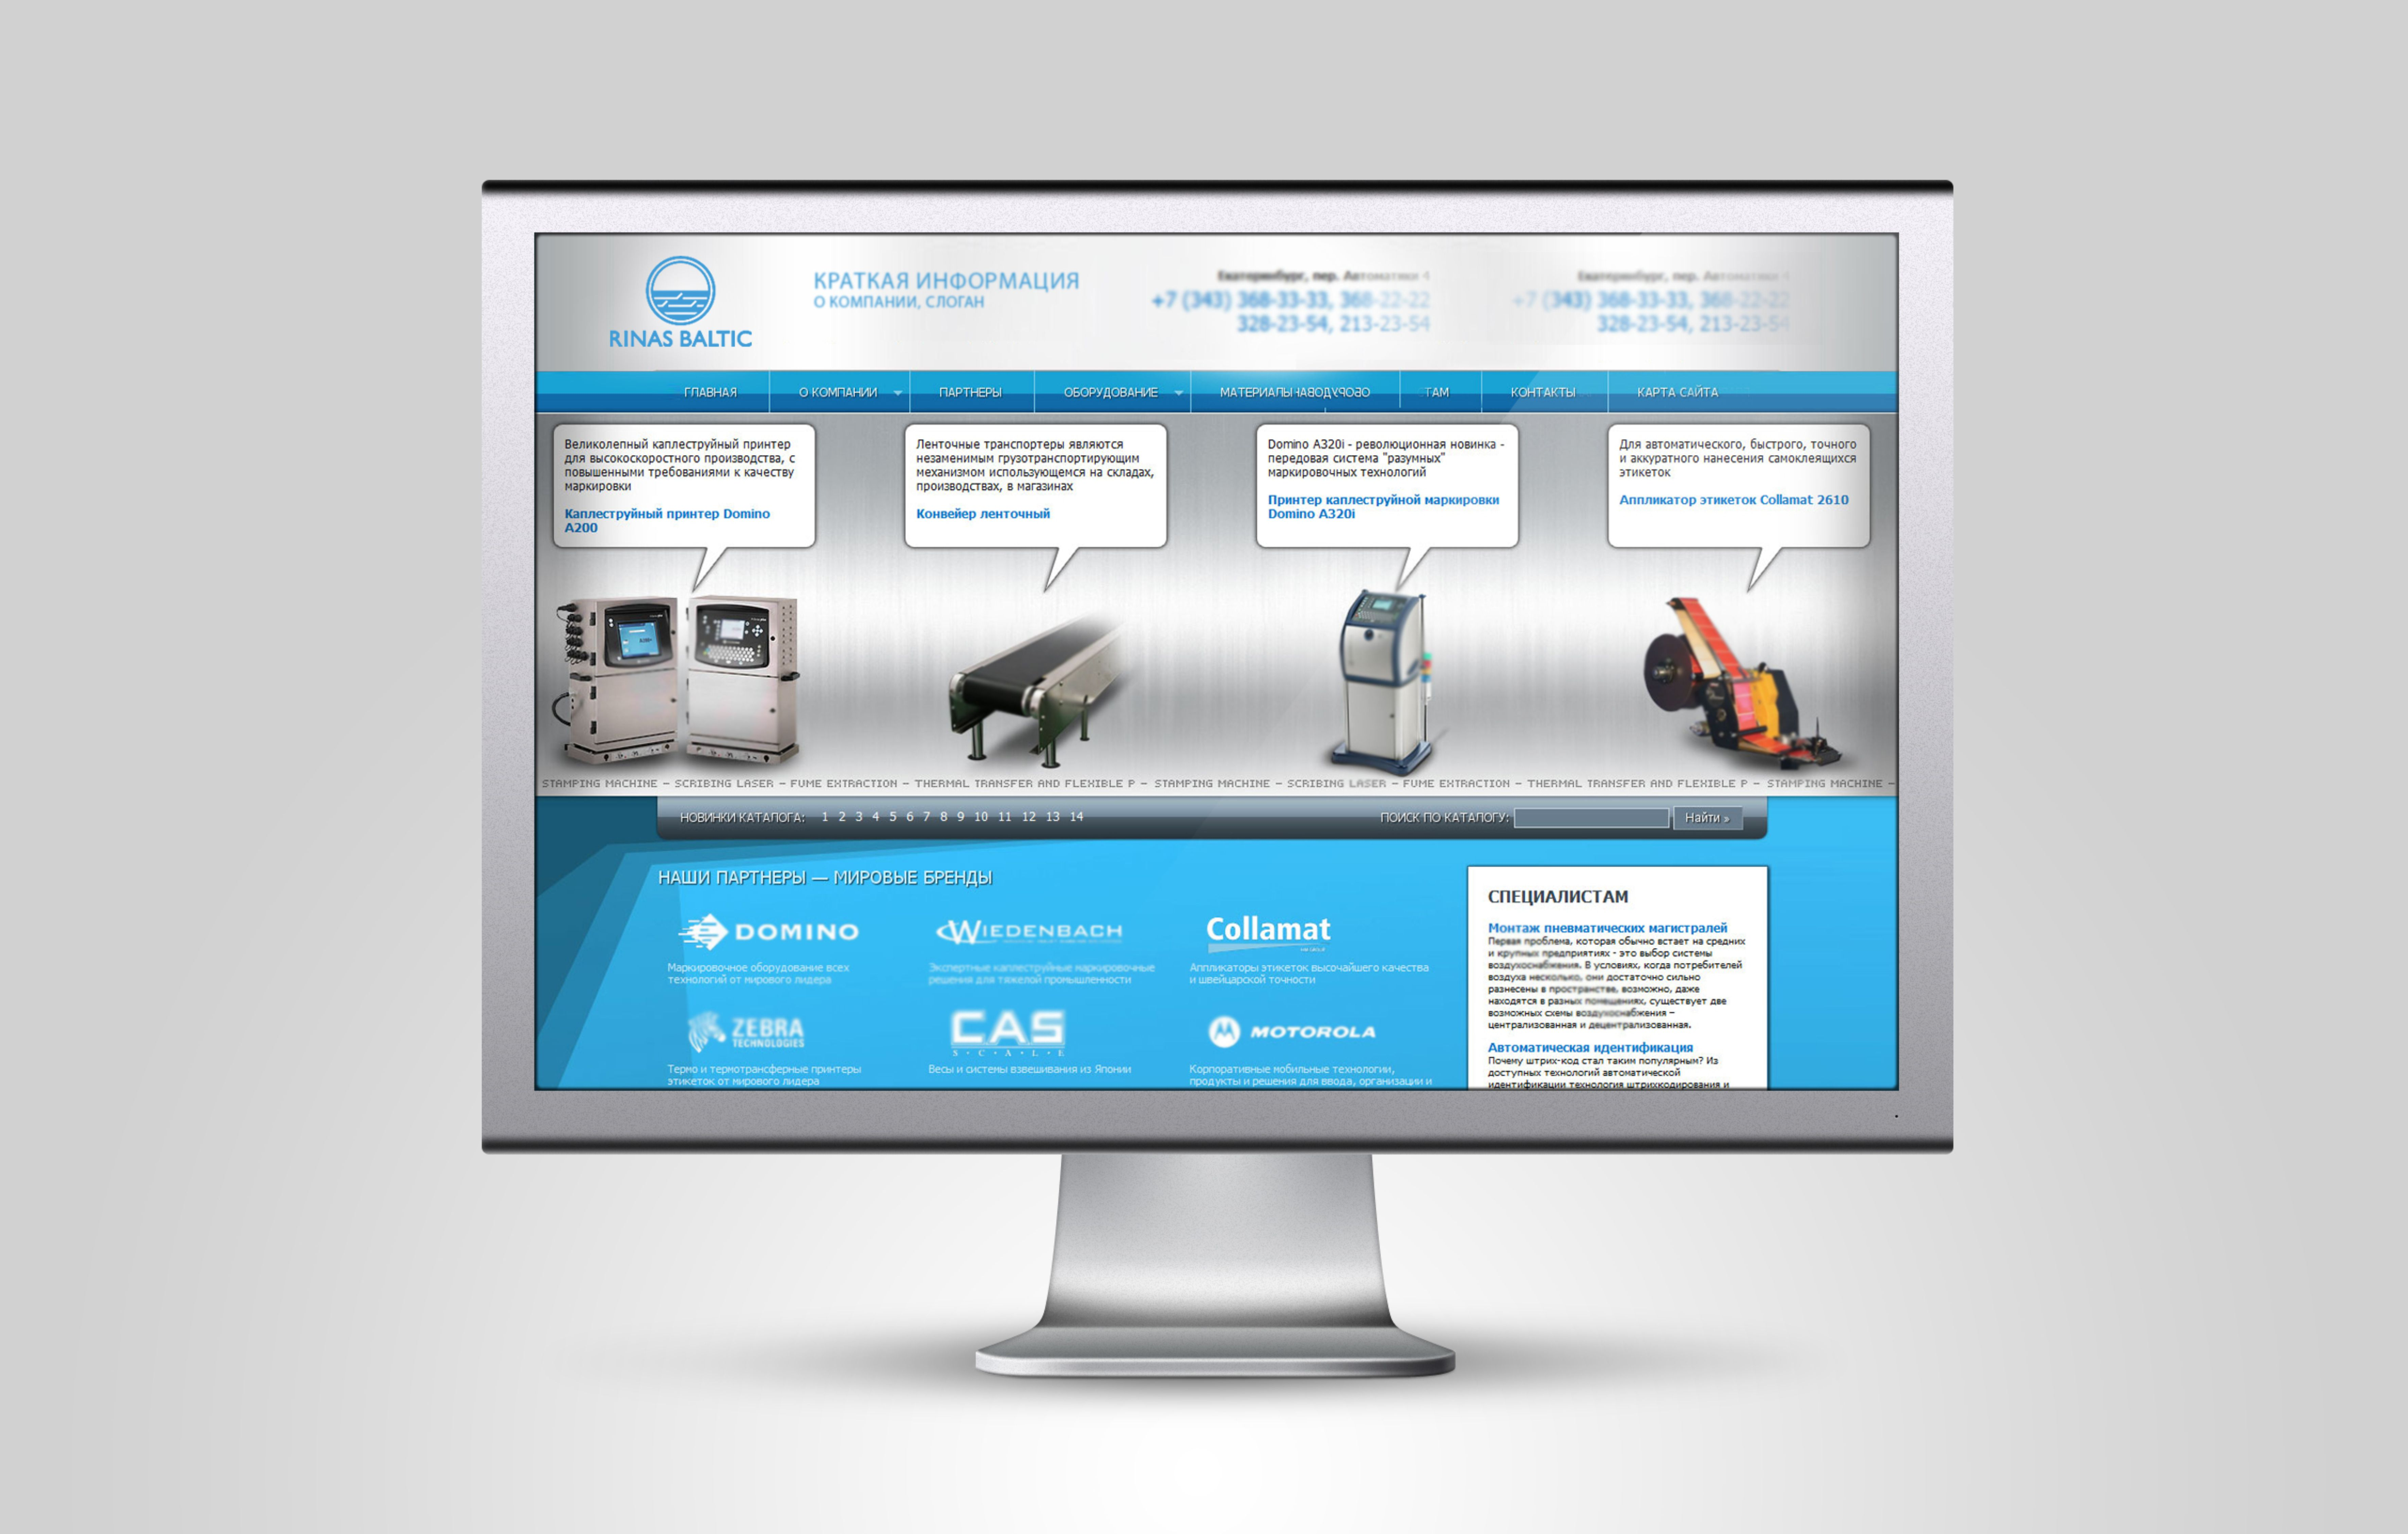 Создание фирменного стиля компании по продаже промышленного оборудования!!! Будет 2 победителя!!! фото f_9635d445efebbaeb.jpg